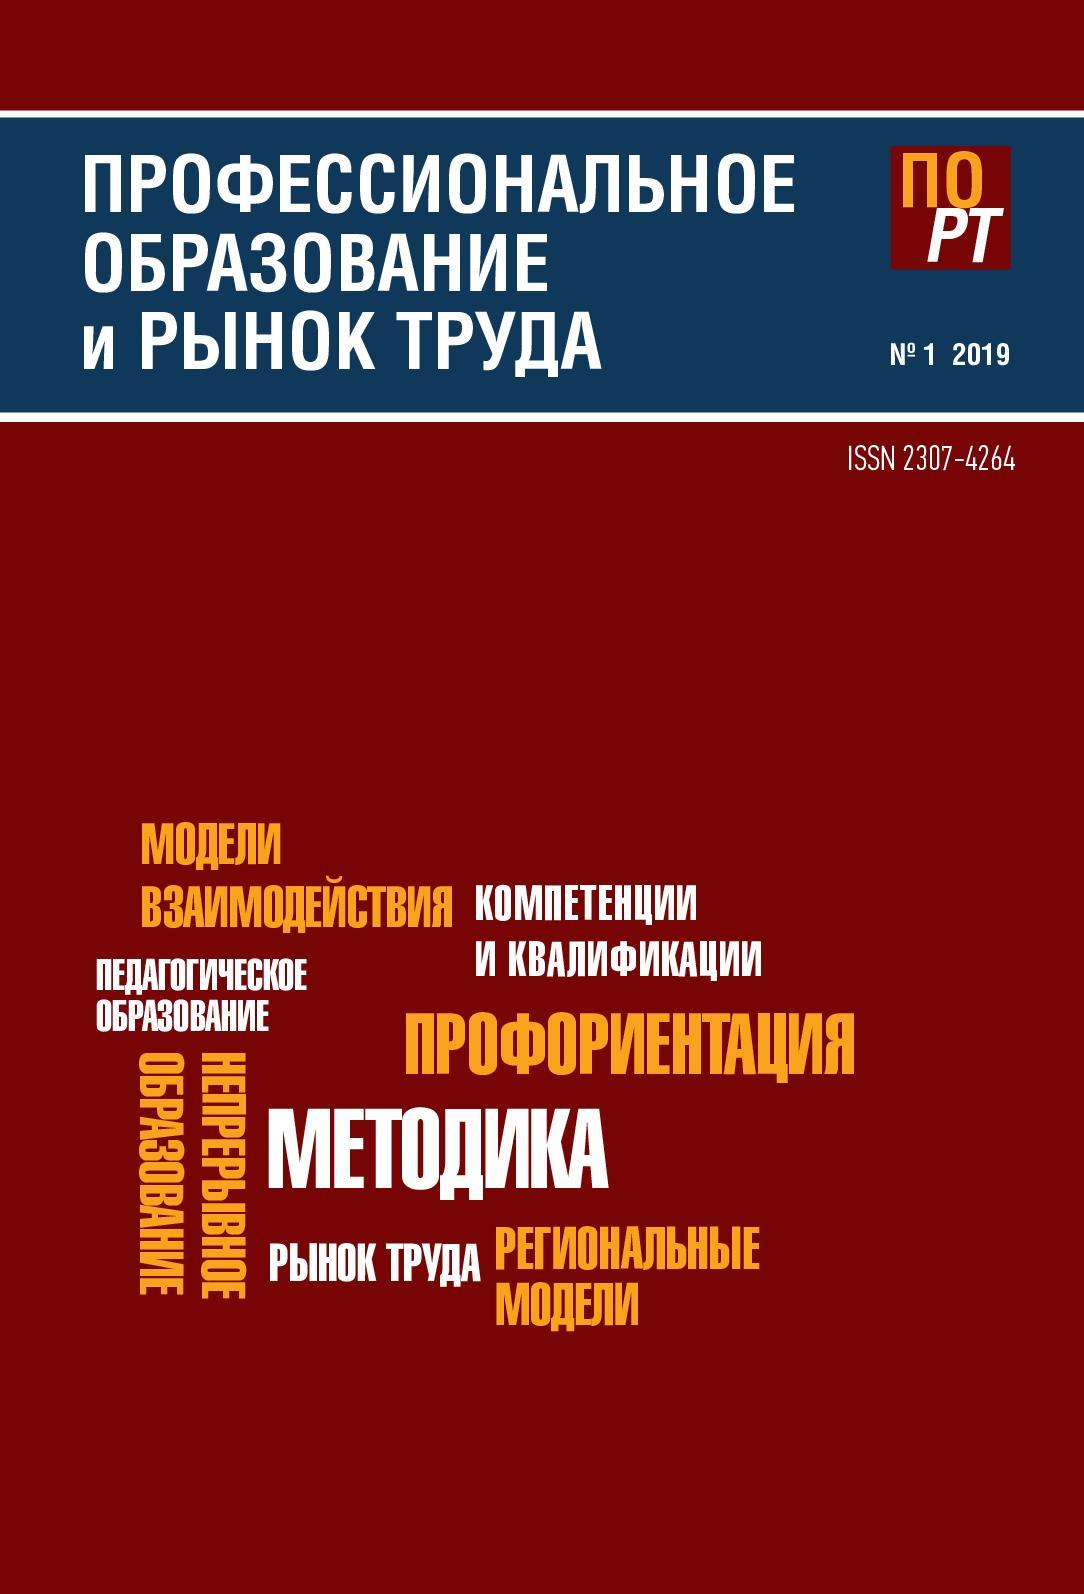 Calaméo   Профессиональное образование и рынок труда №9 2099